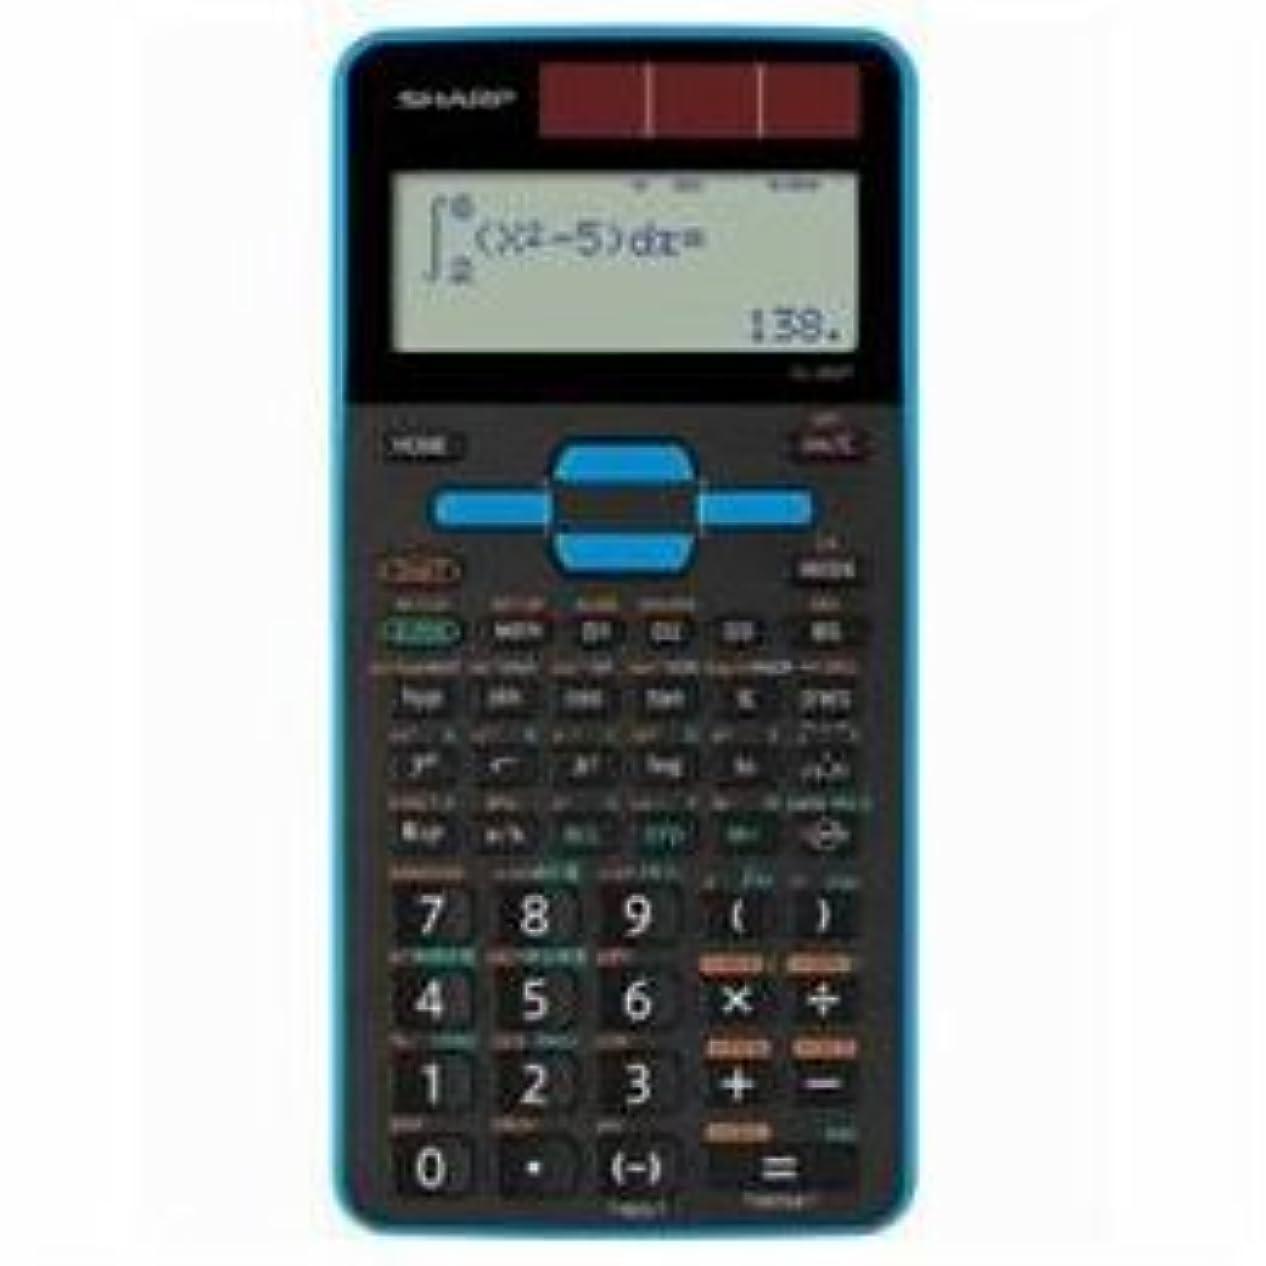 抵抗力があると差し引く【まとめ 2セット】 SHARP EL-509T-AX 関数電卓 559関数スタンダードモデル(青)